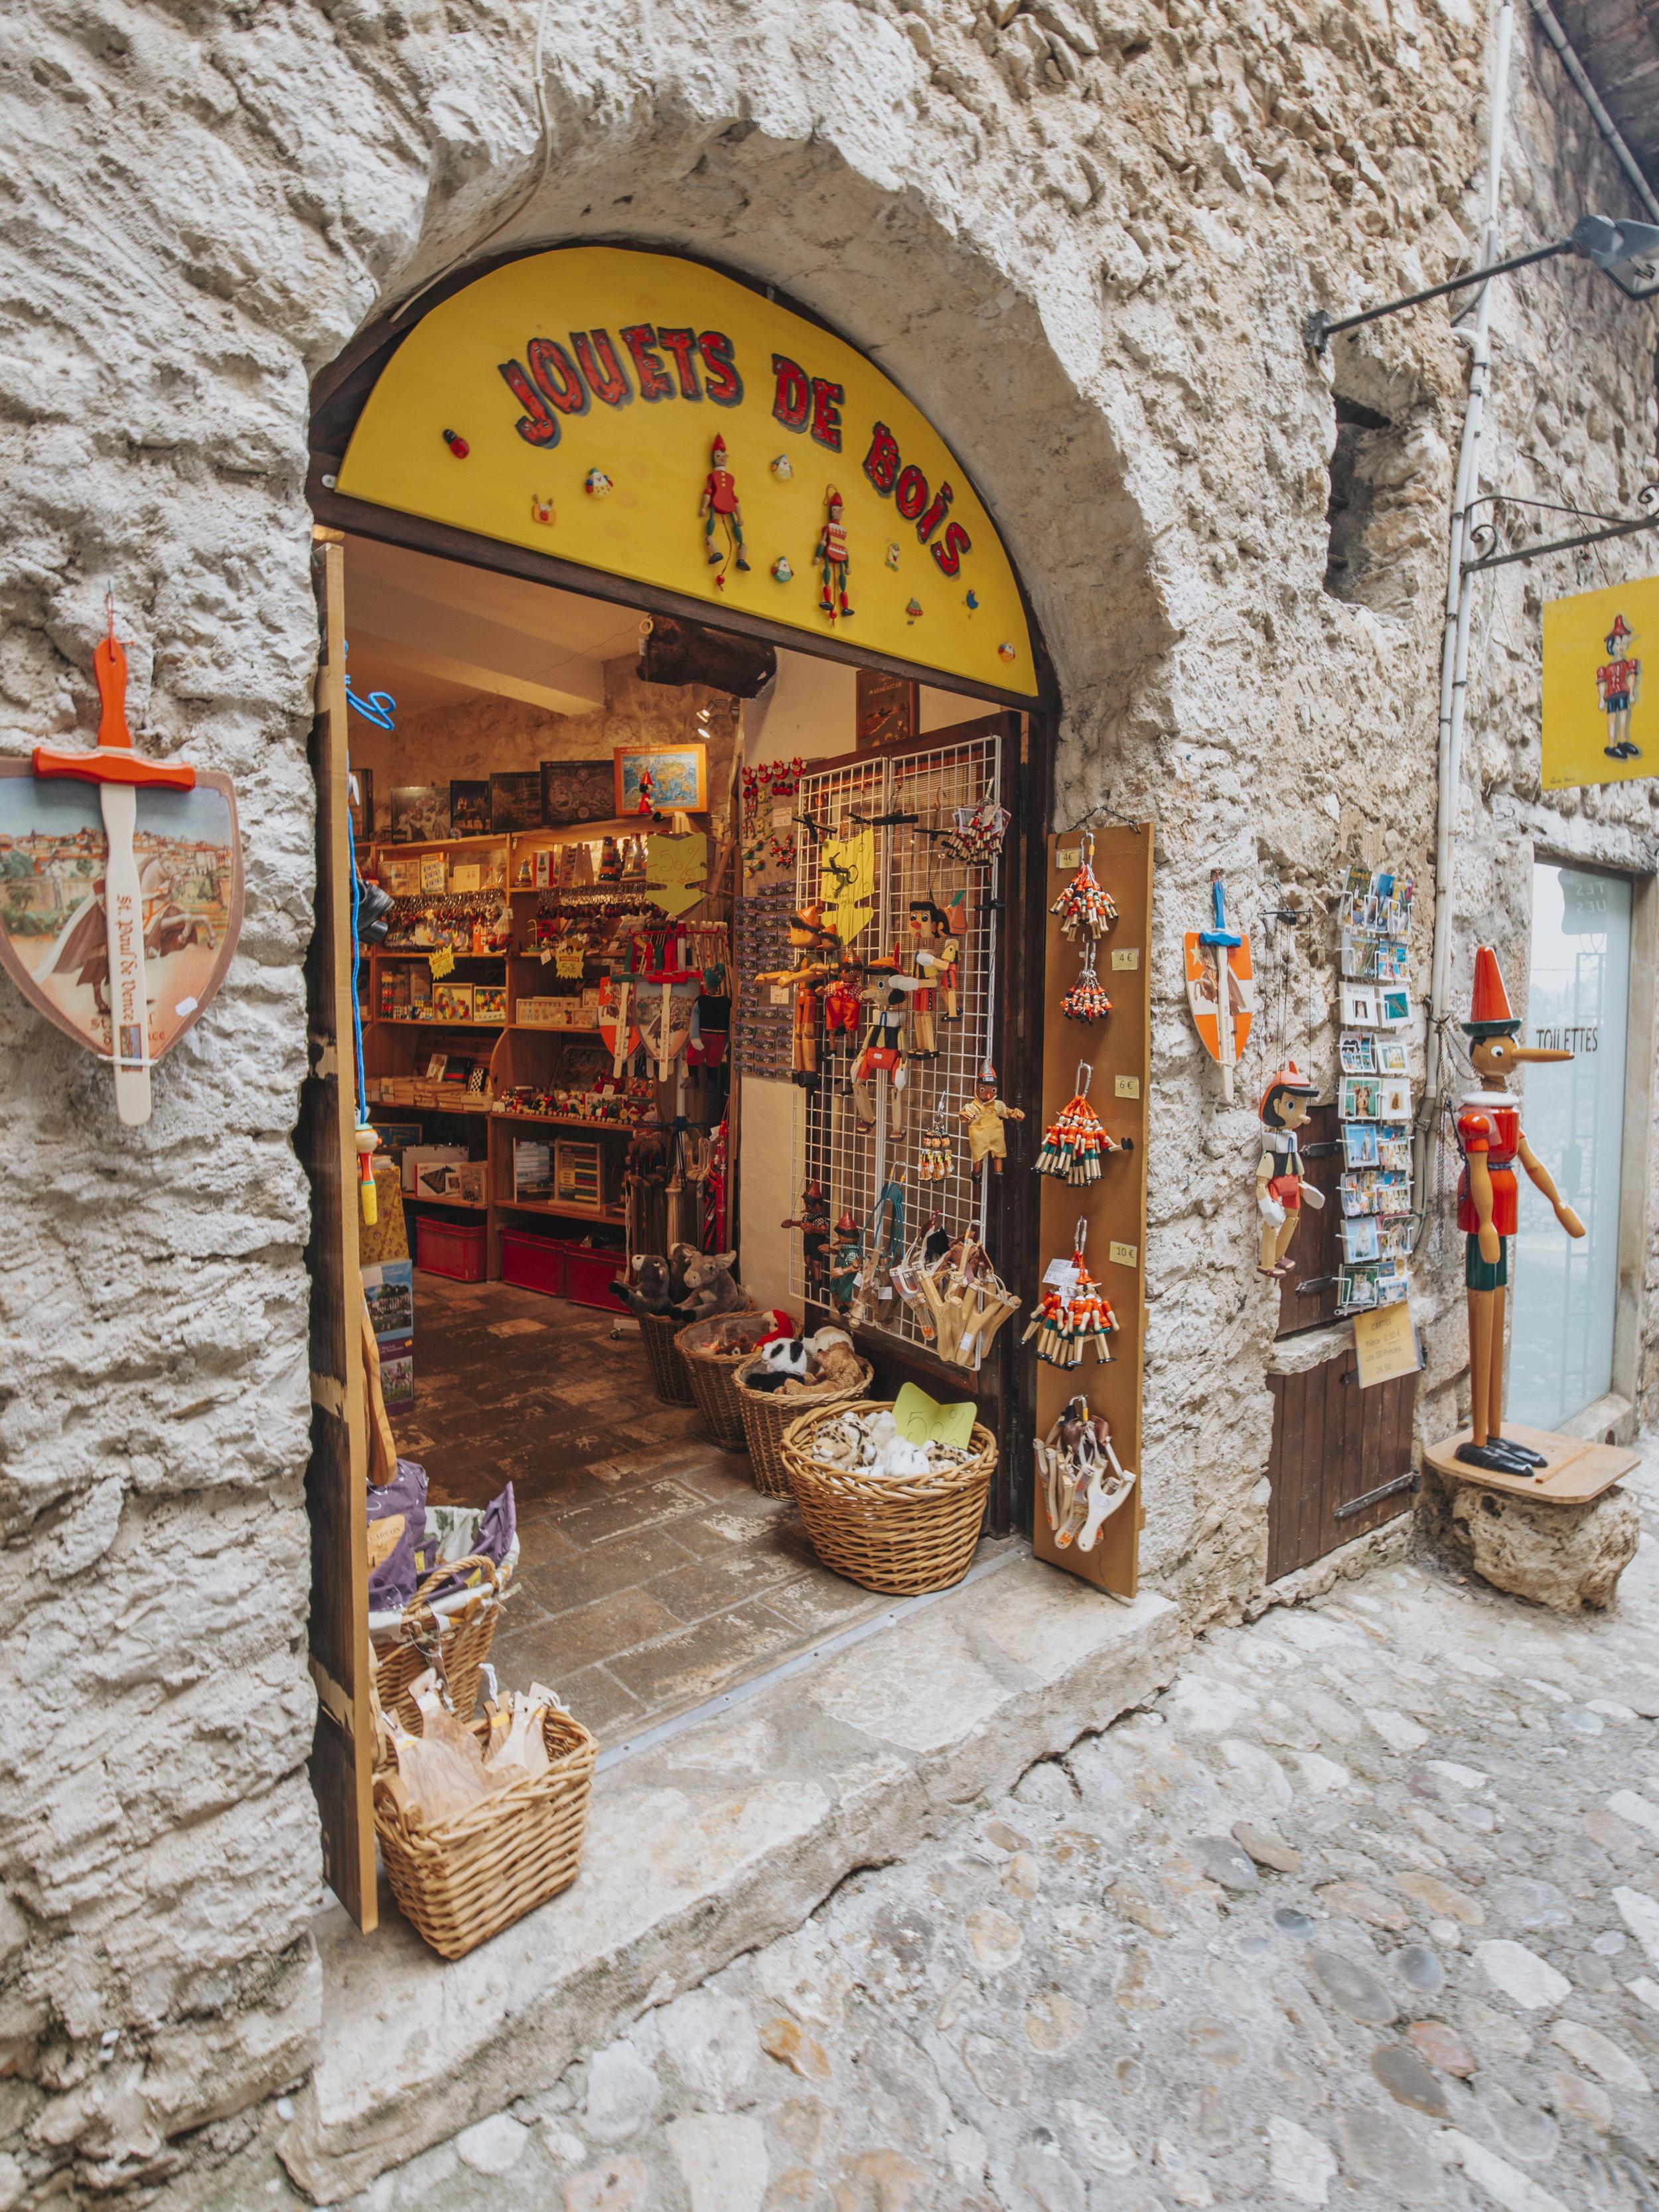 Jouets de Bois - Toy Store